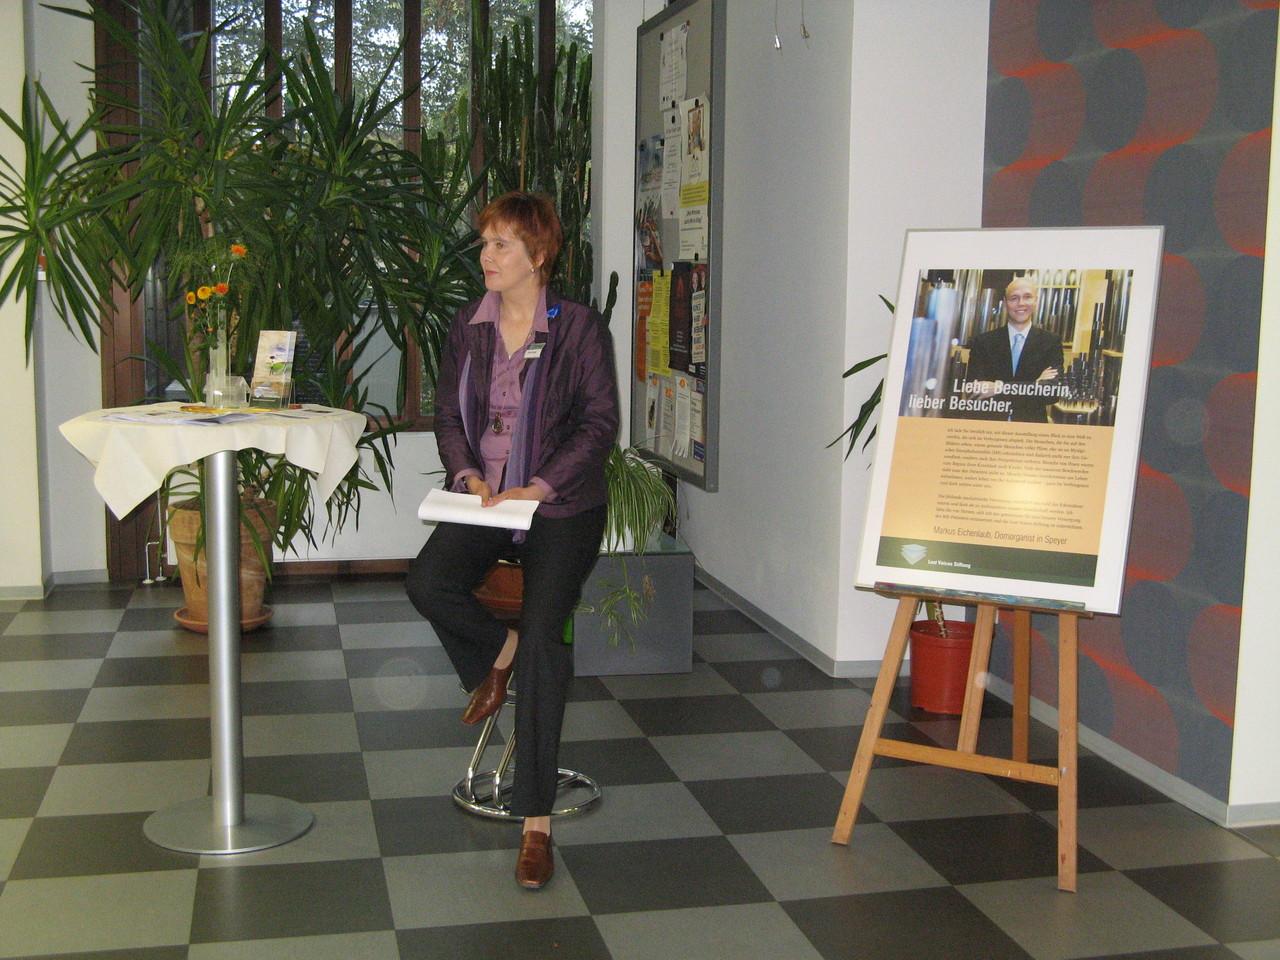 Begrüßung & Rede durch die Vorsitzende der LostVoices Stiftung Nicole Krüger